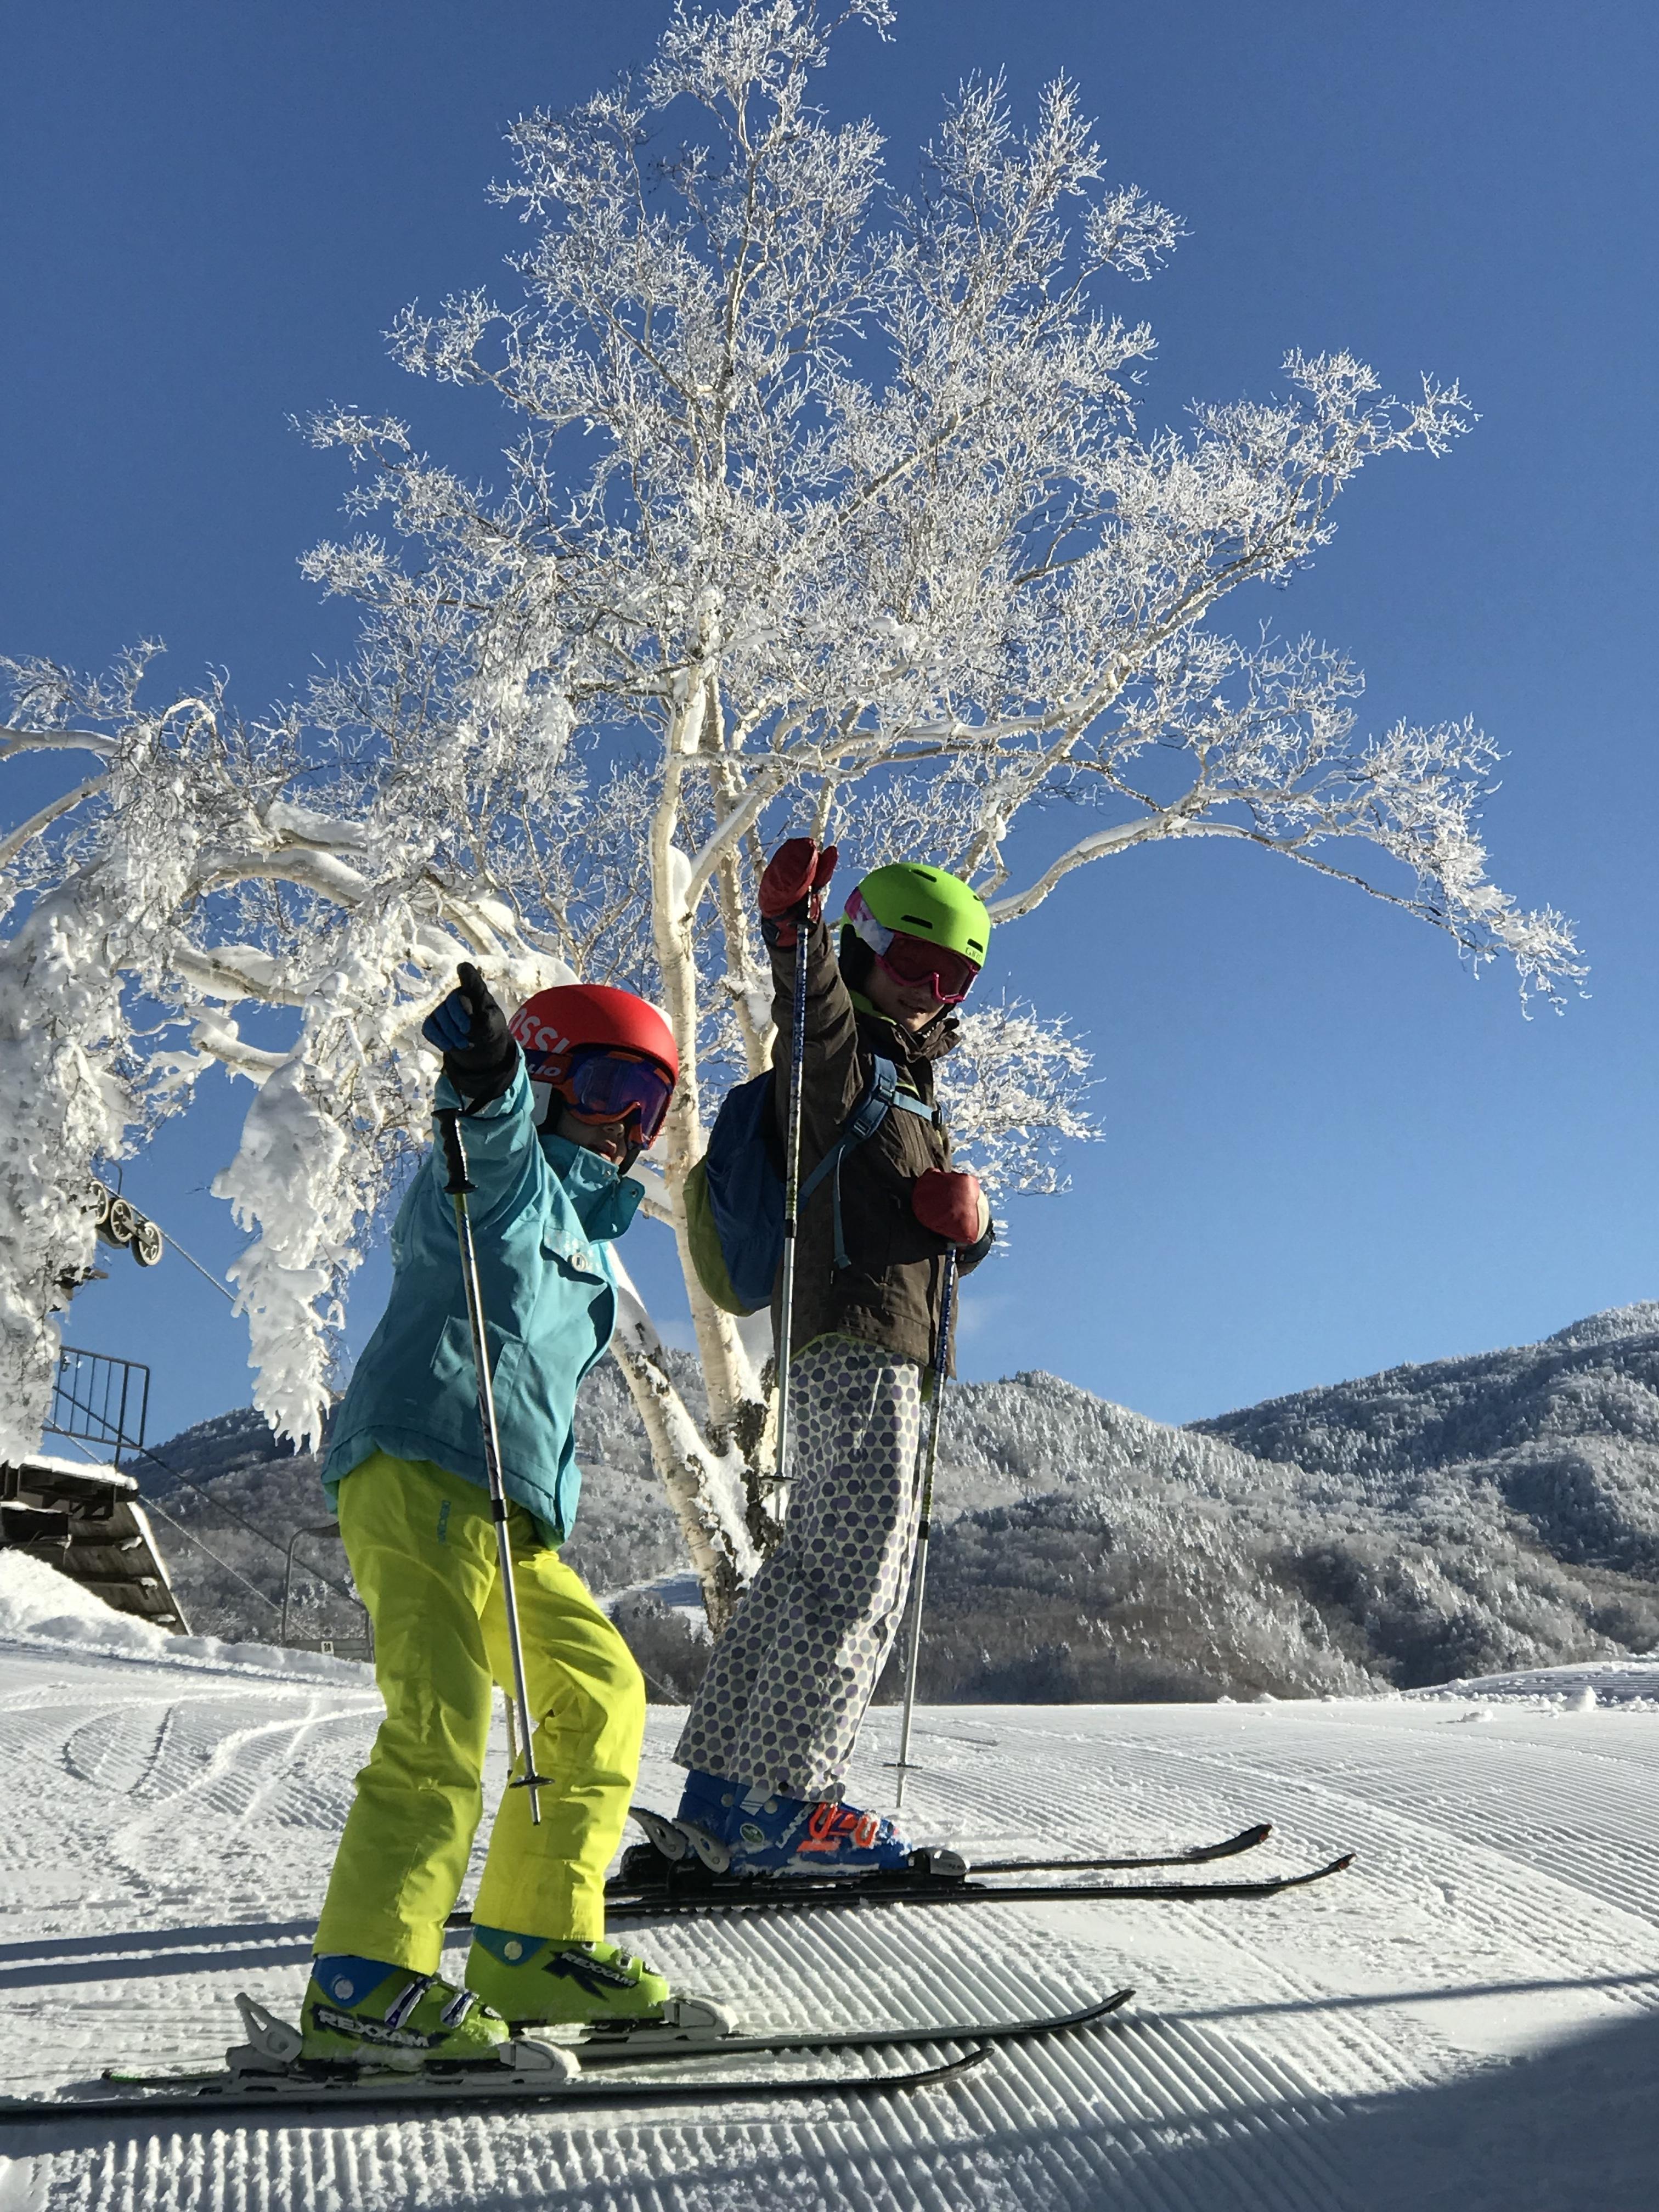 Skiing man